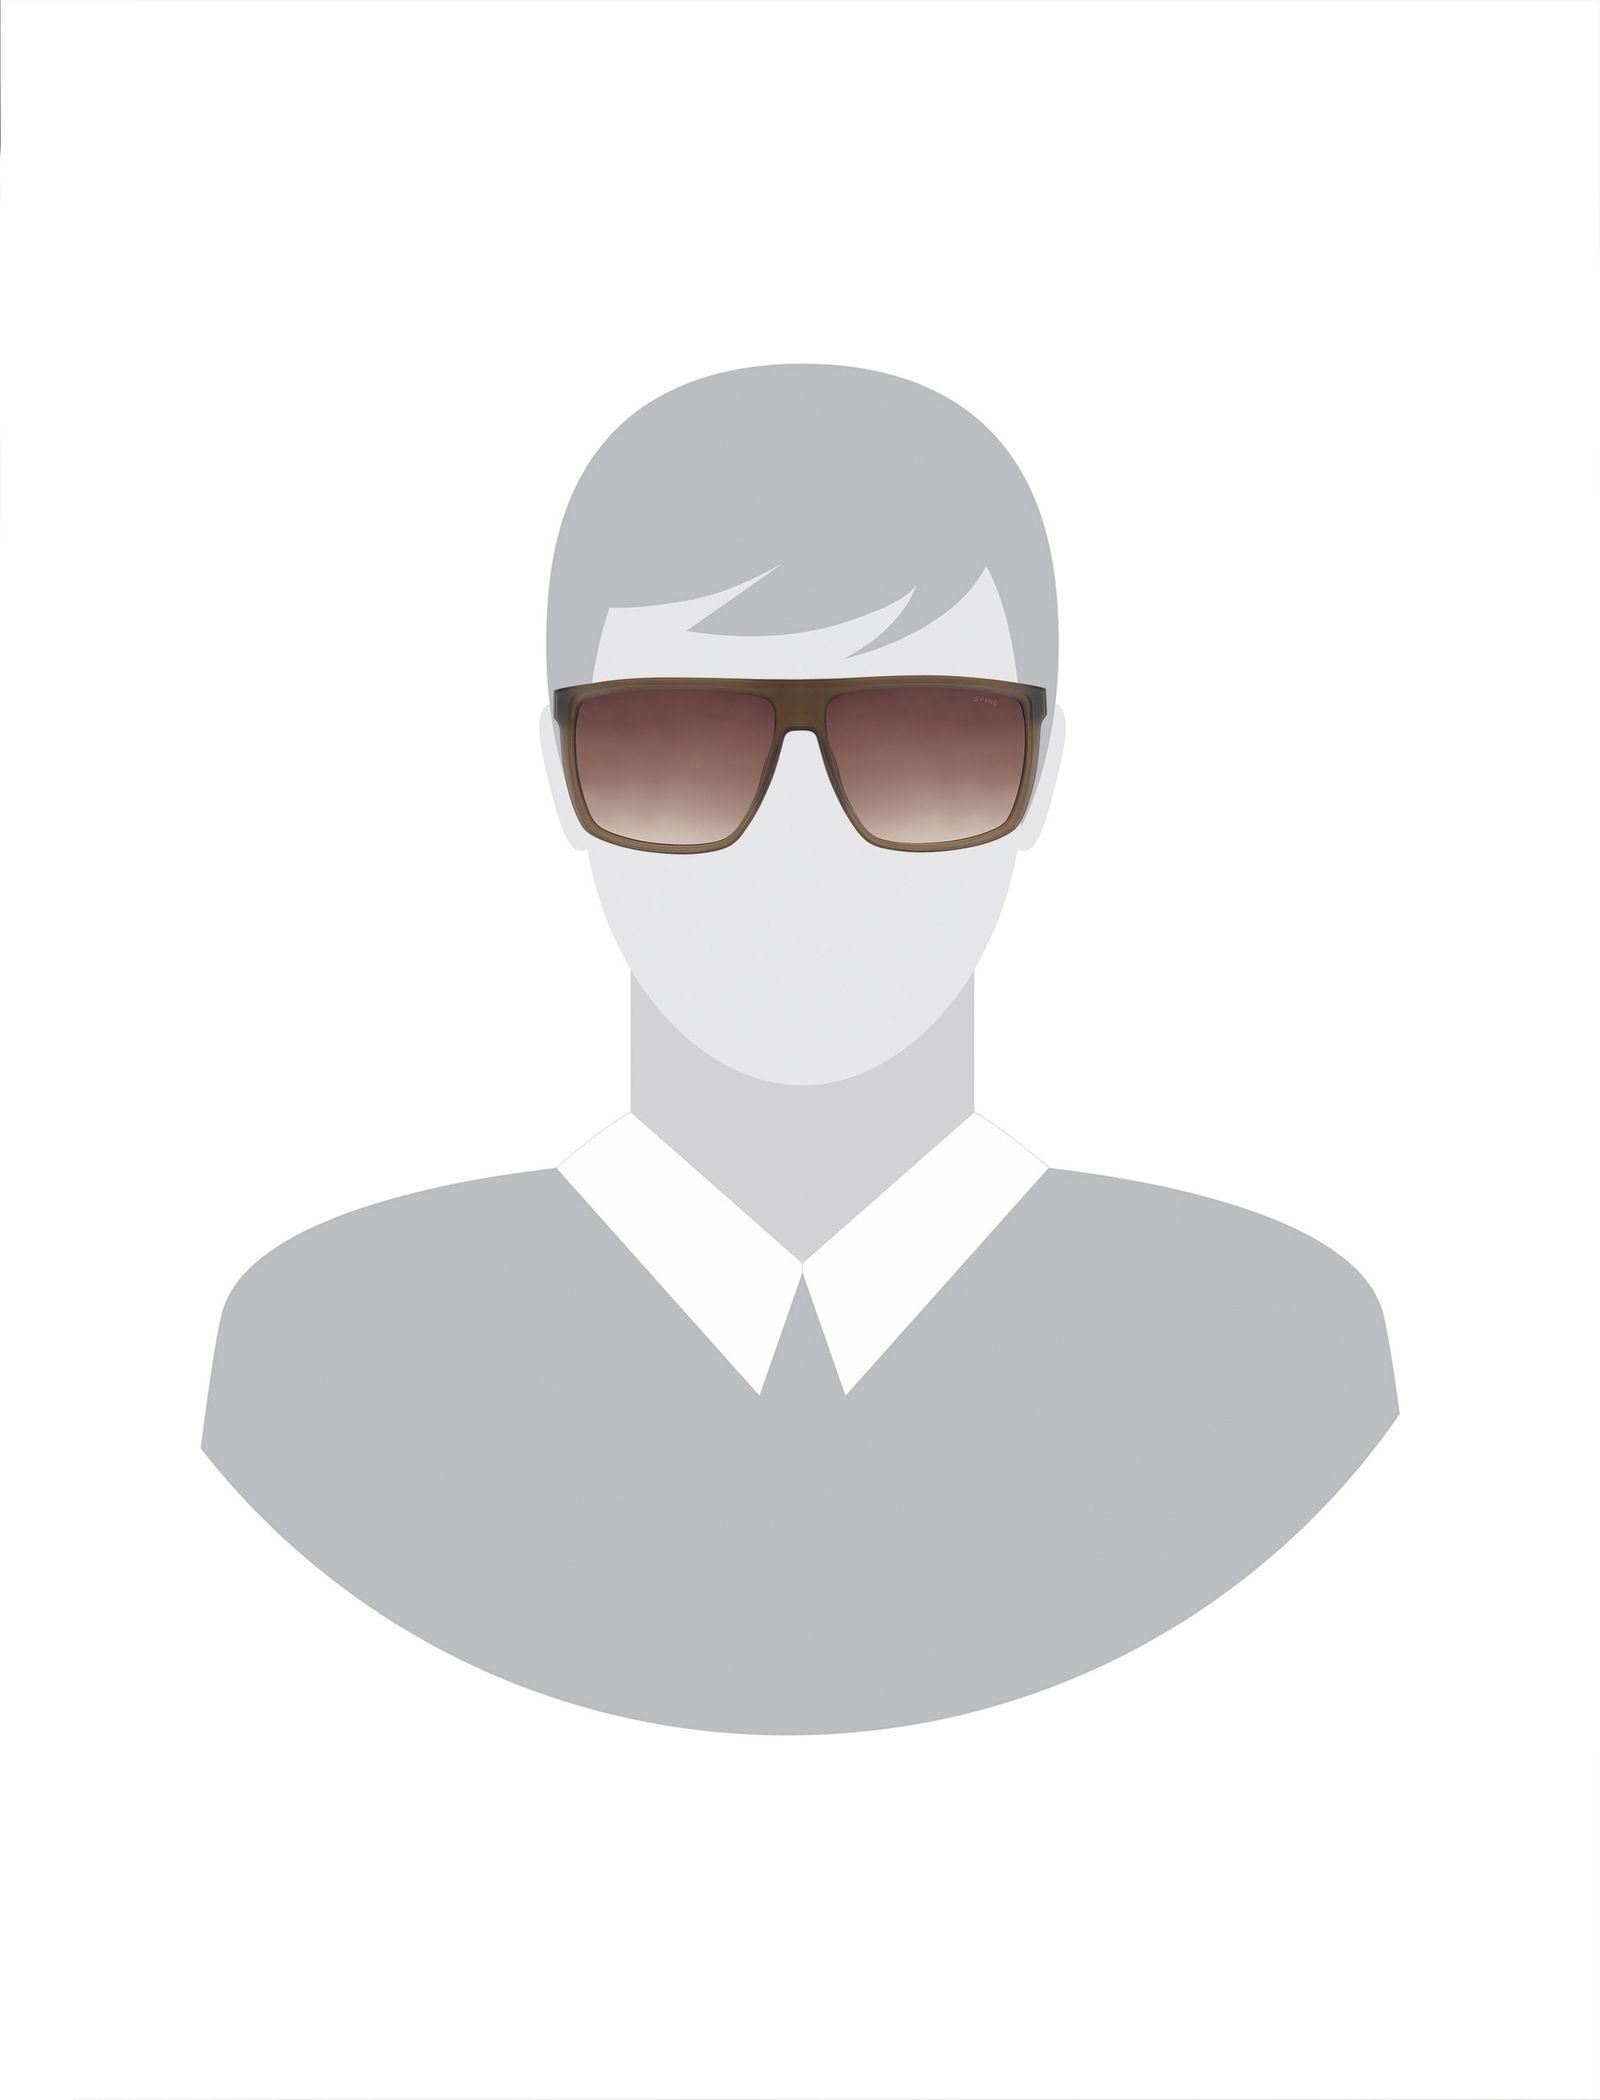 عینک آفتابی ویفرر مردانه - اسپاین - قهوه اي شفاف - 6